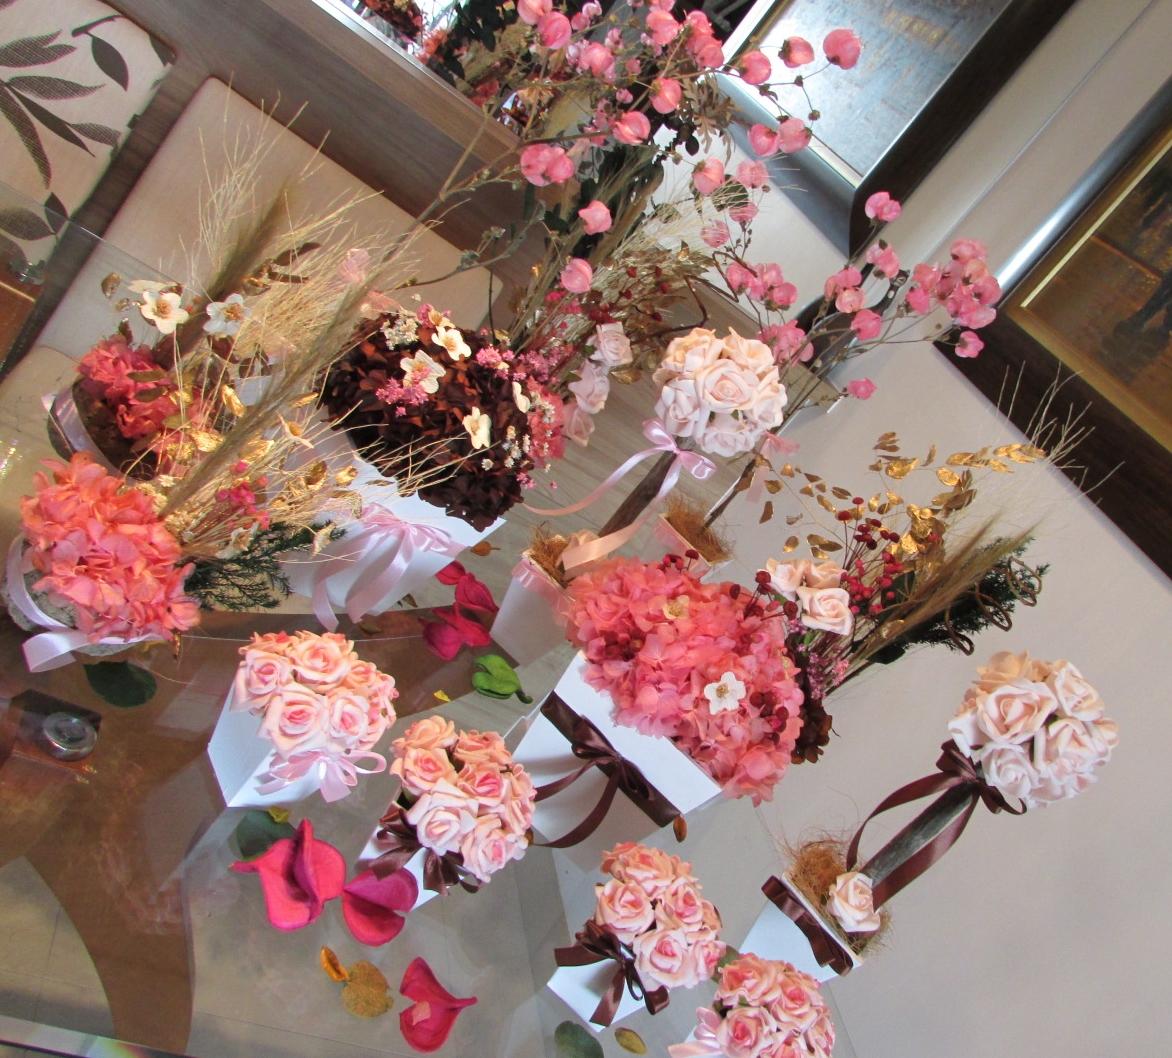 Kit festa flores secas rosa& marrom IX Rosamorena Artes Florais Elo7 # Decoração De Flores Festa